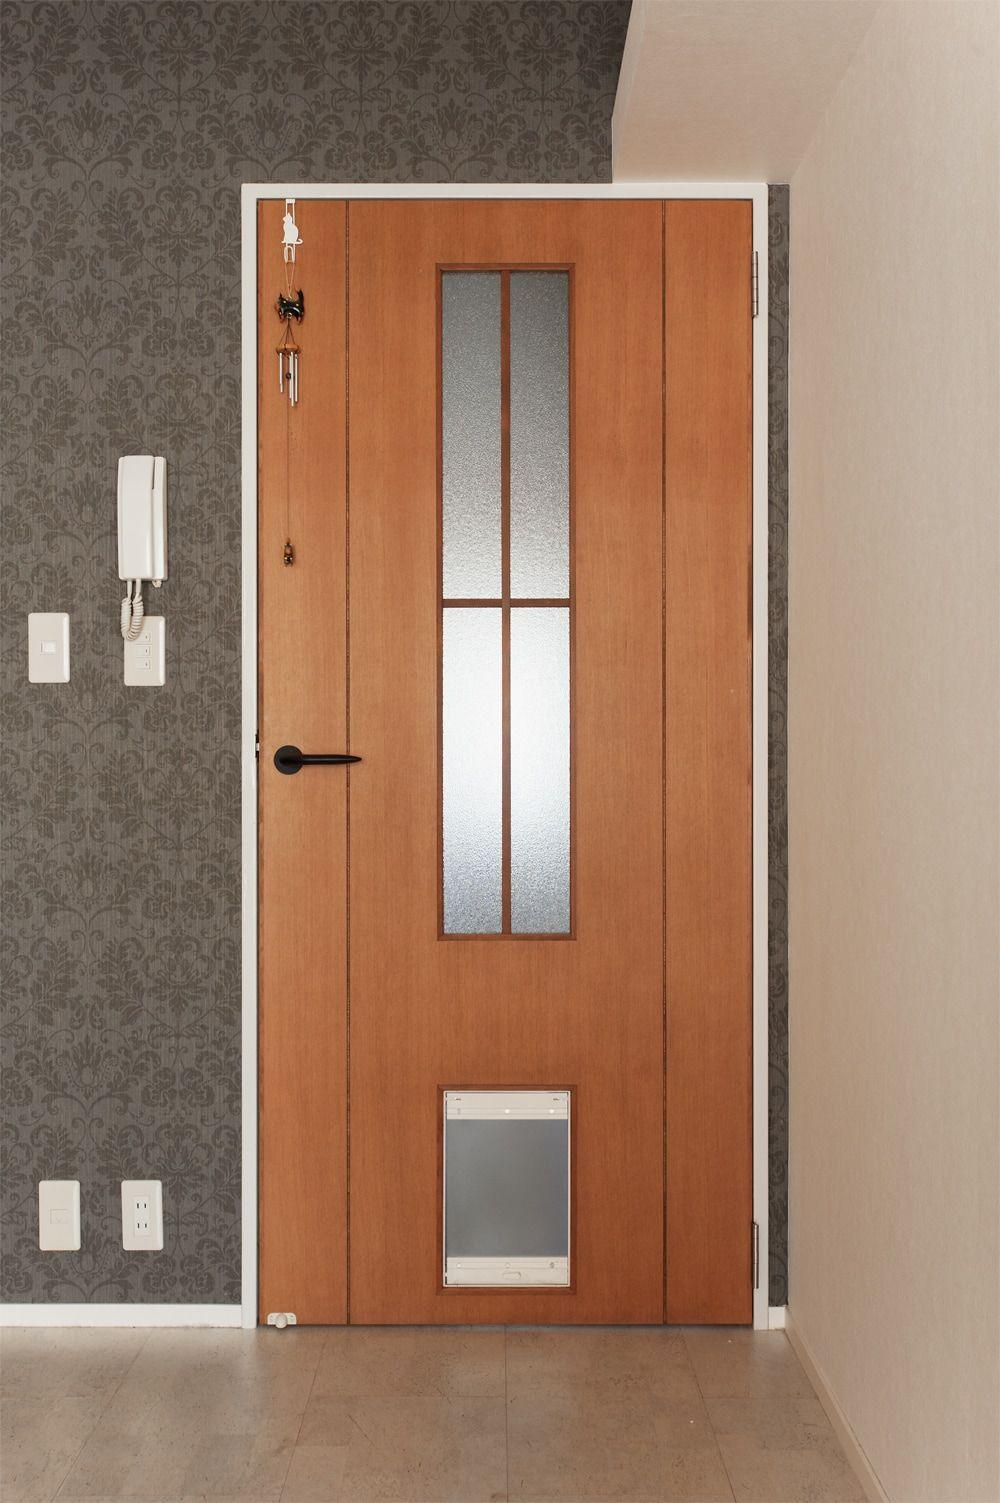 リフォーム リノベーションの事例 造作建具 ドア ペットドア 施工